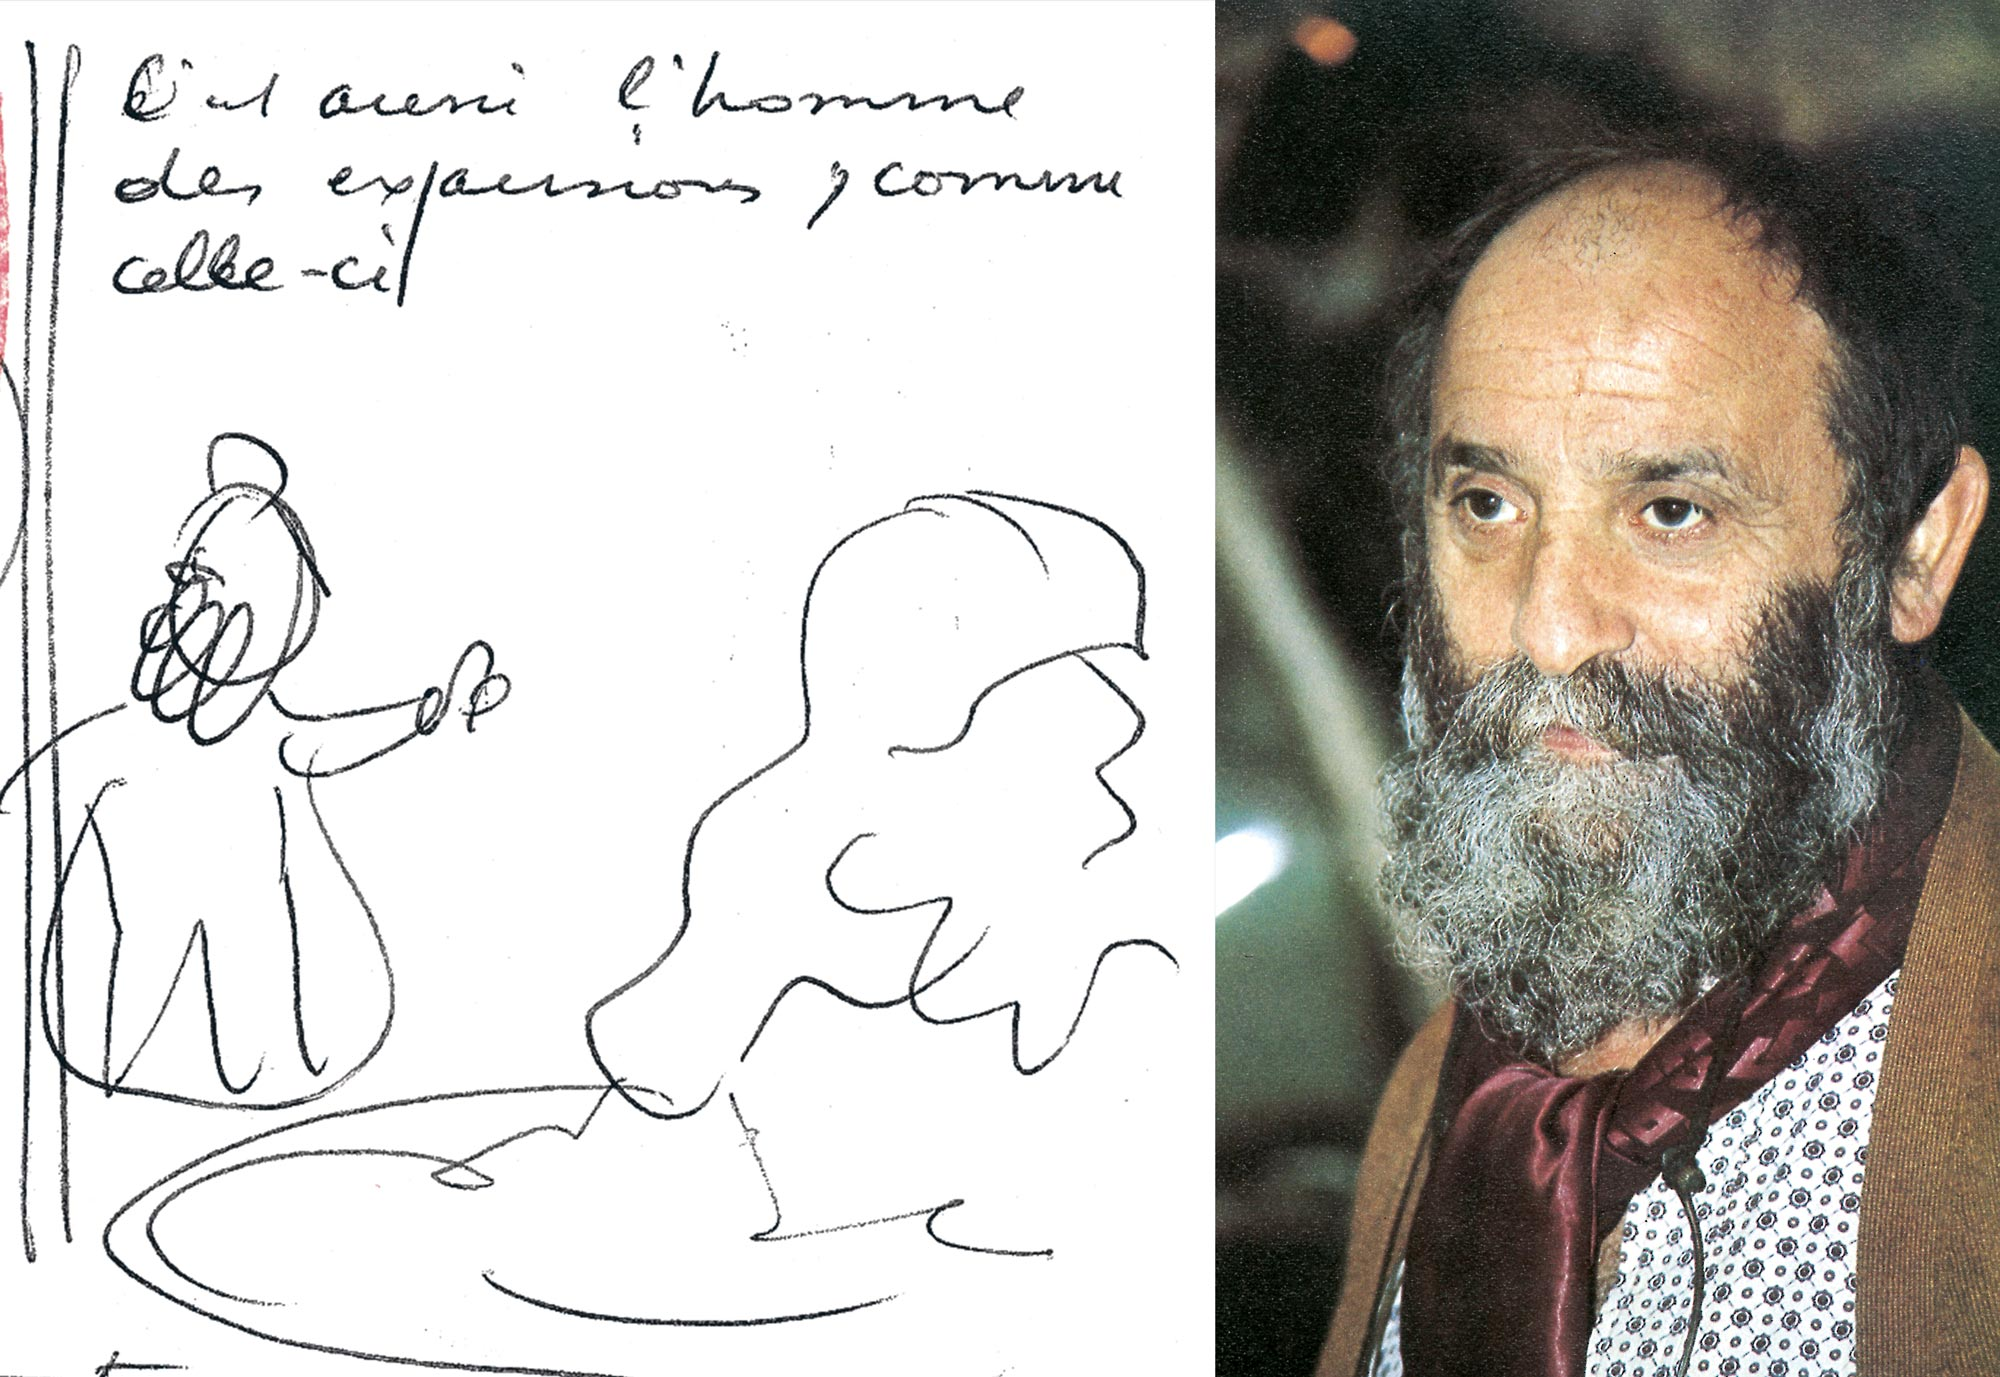 Tintin - The Adventures of Tintin - Tintin and Alph-Art - César Baldaccini